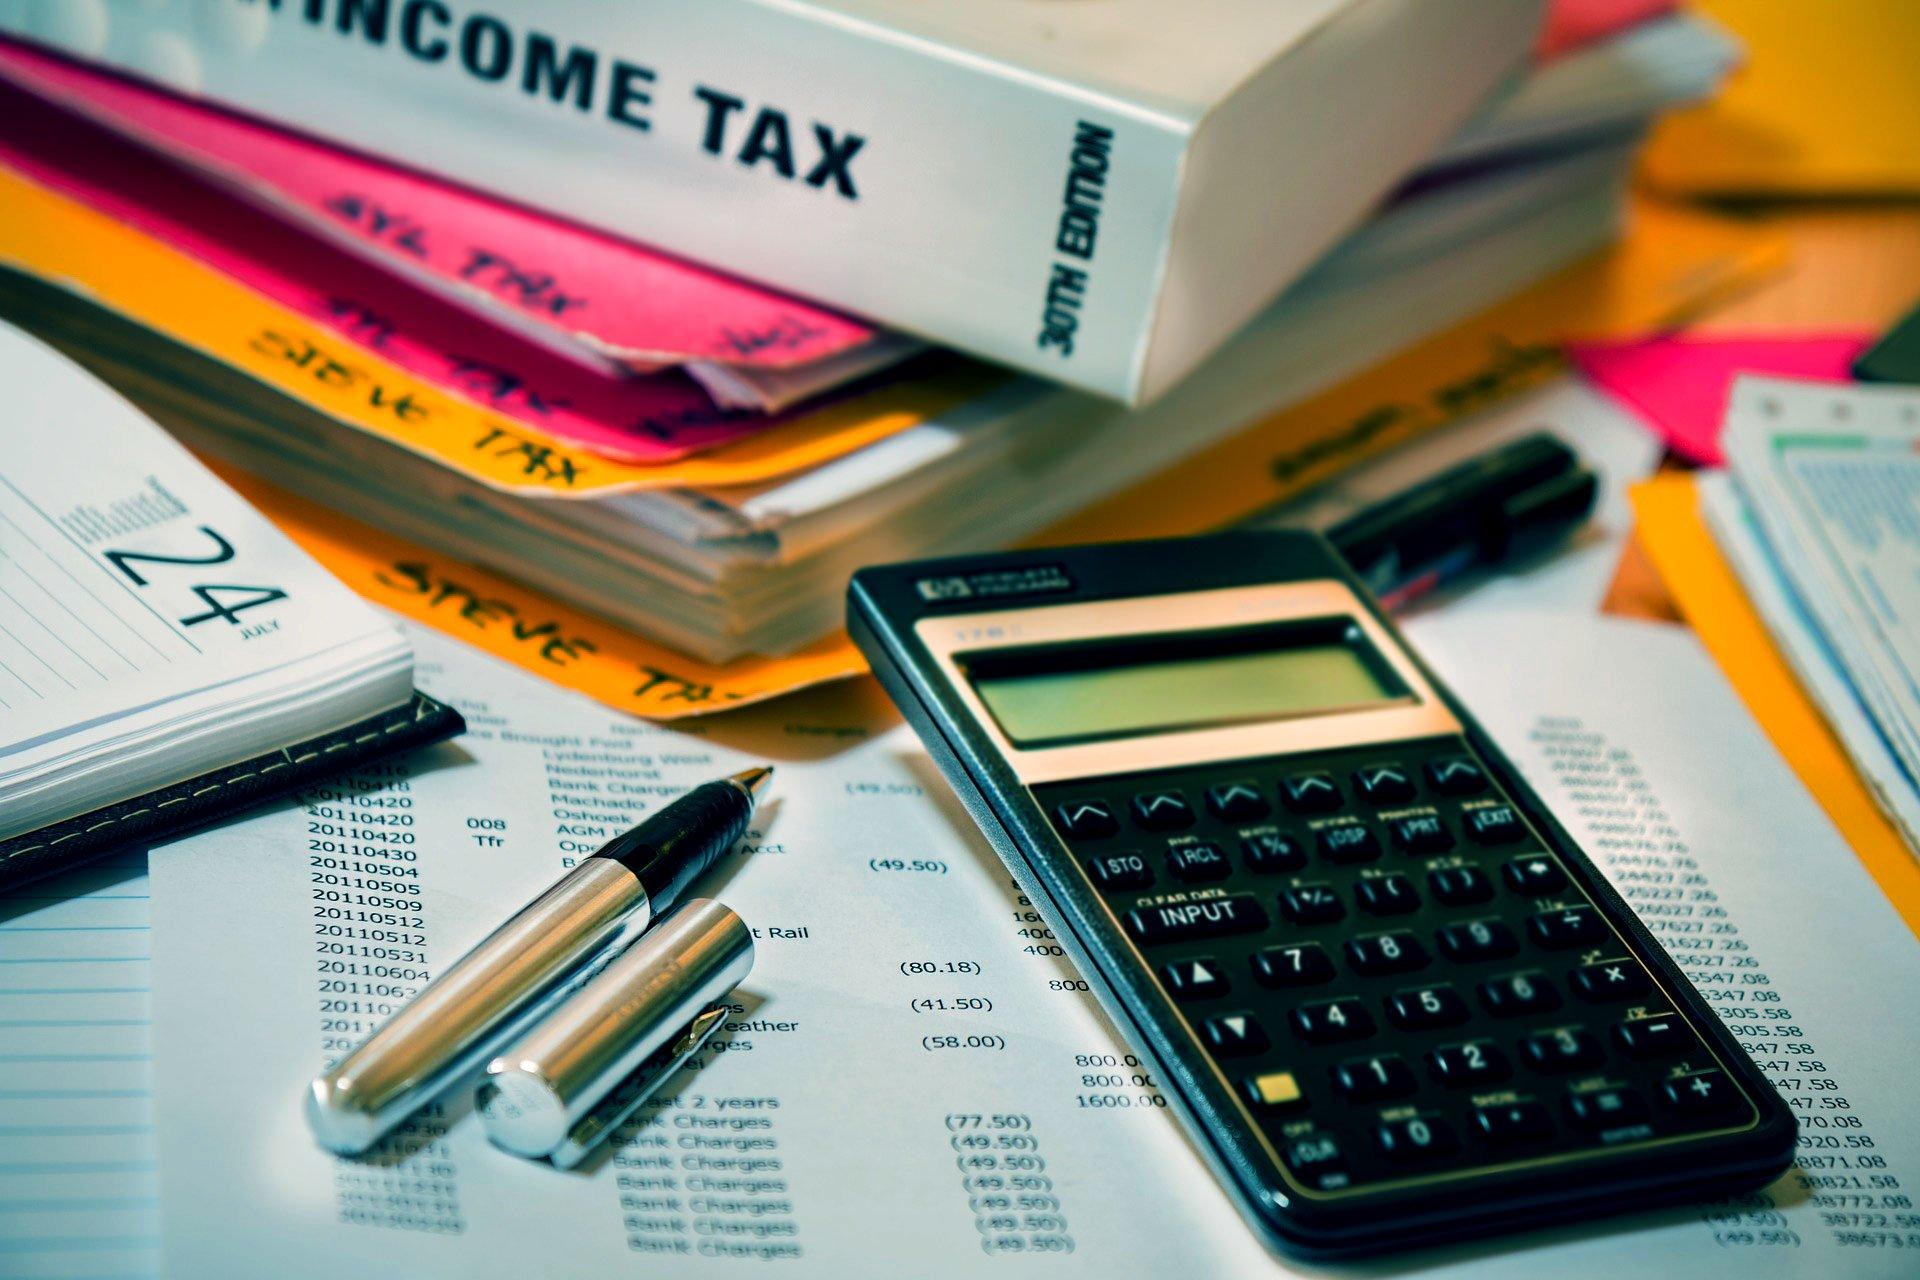 income tax 4097292 1920 - Λογιστικό γραφείο | Φοροτεχνικά - Λογιστικά γραφεία Οικονομάκος